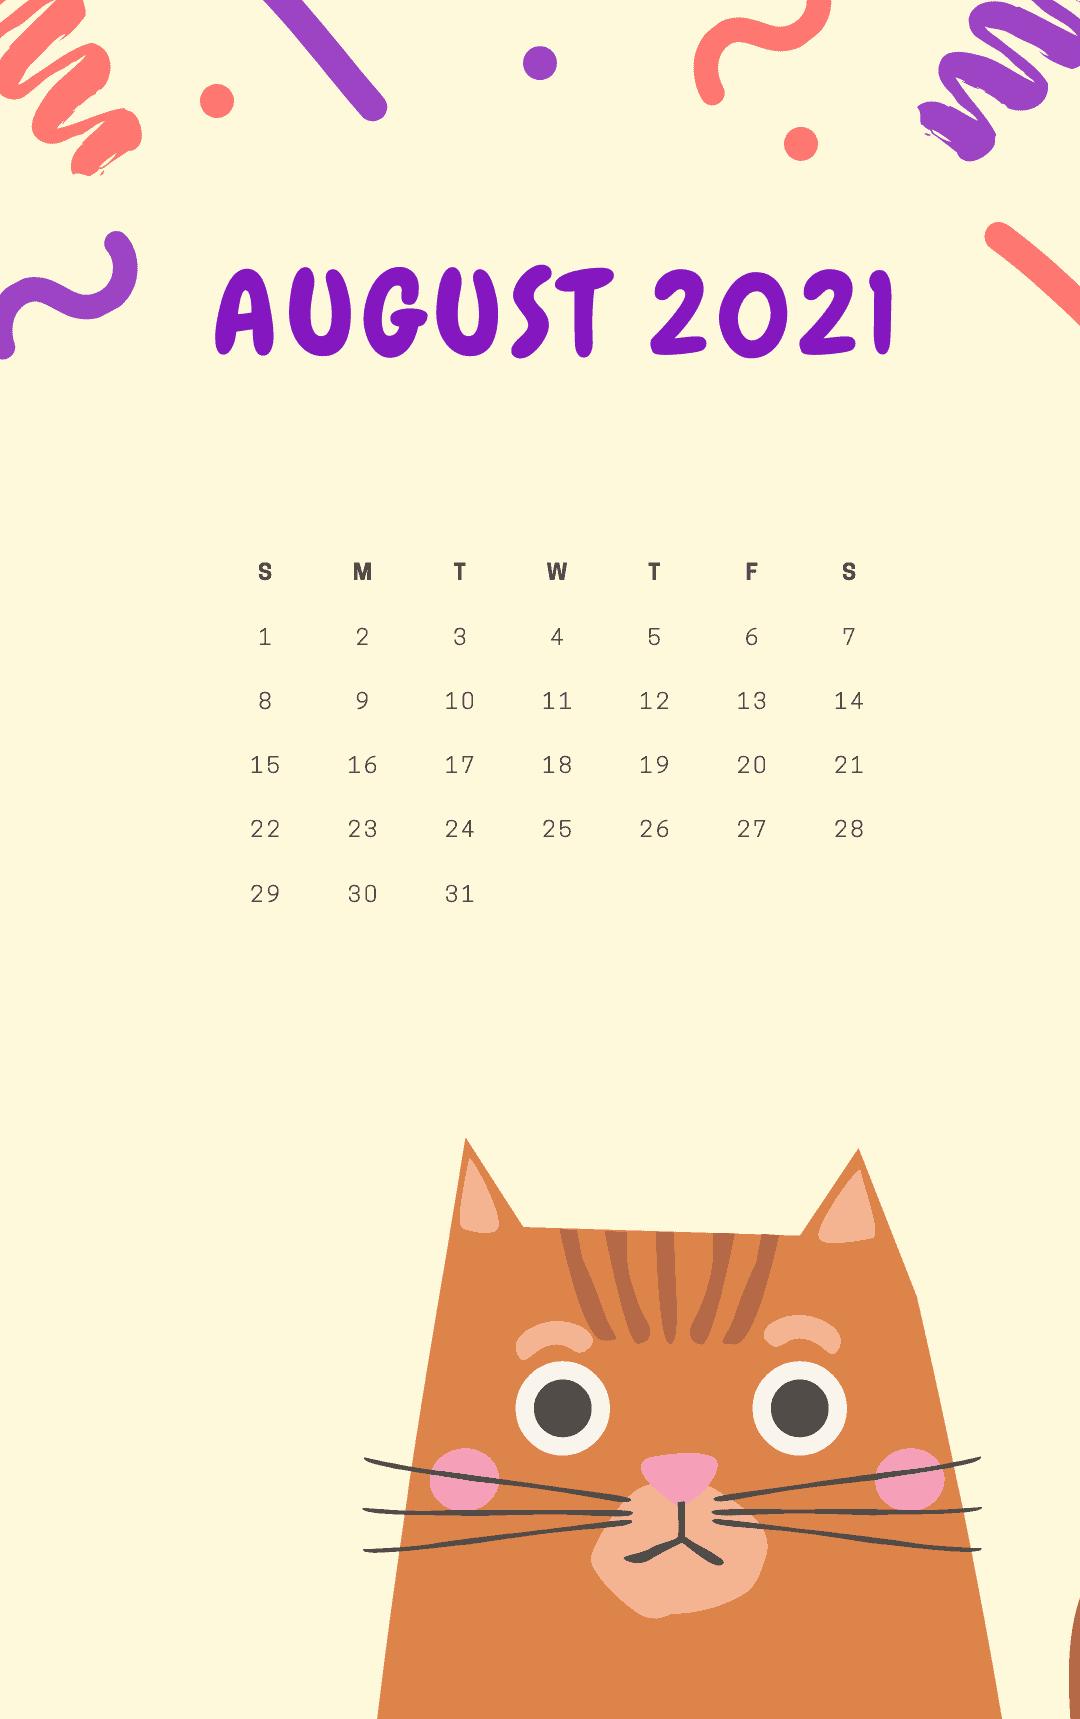 iPhone August 2021 Calendar Wallpaper